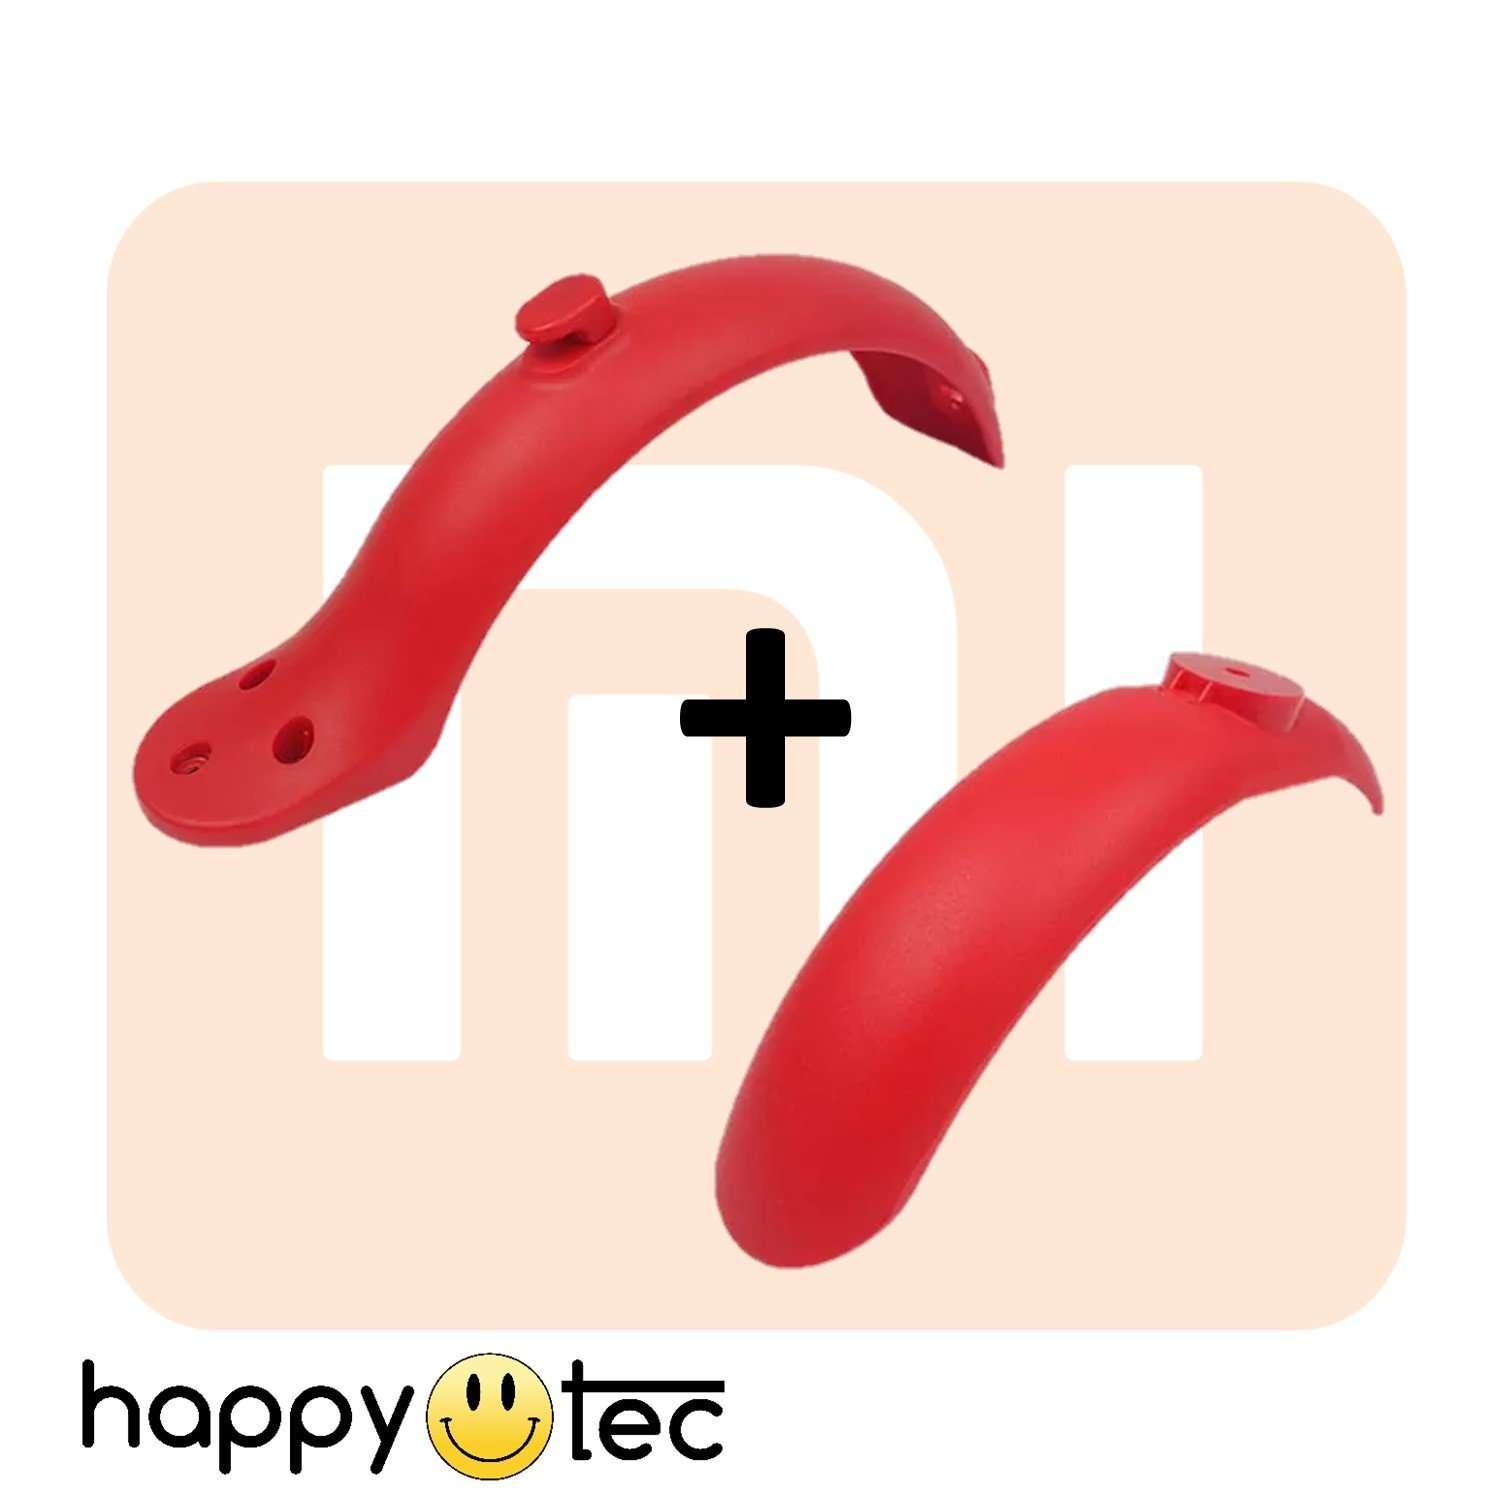 Kit parafanghi rossi per monopattino Xiaomi